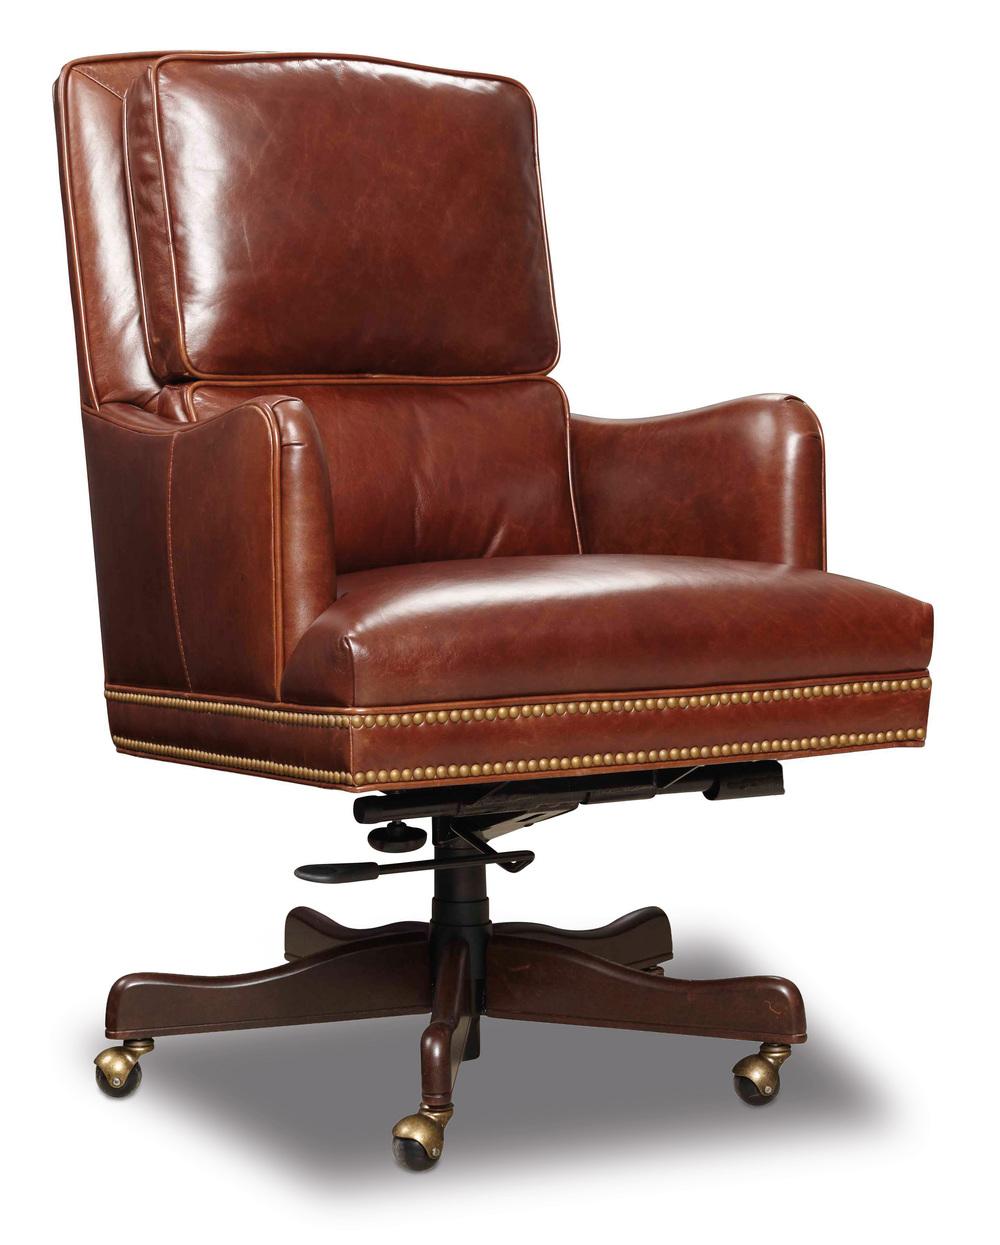 Hooker Furniture - Kara Home Office Chair